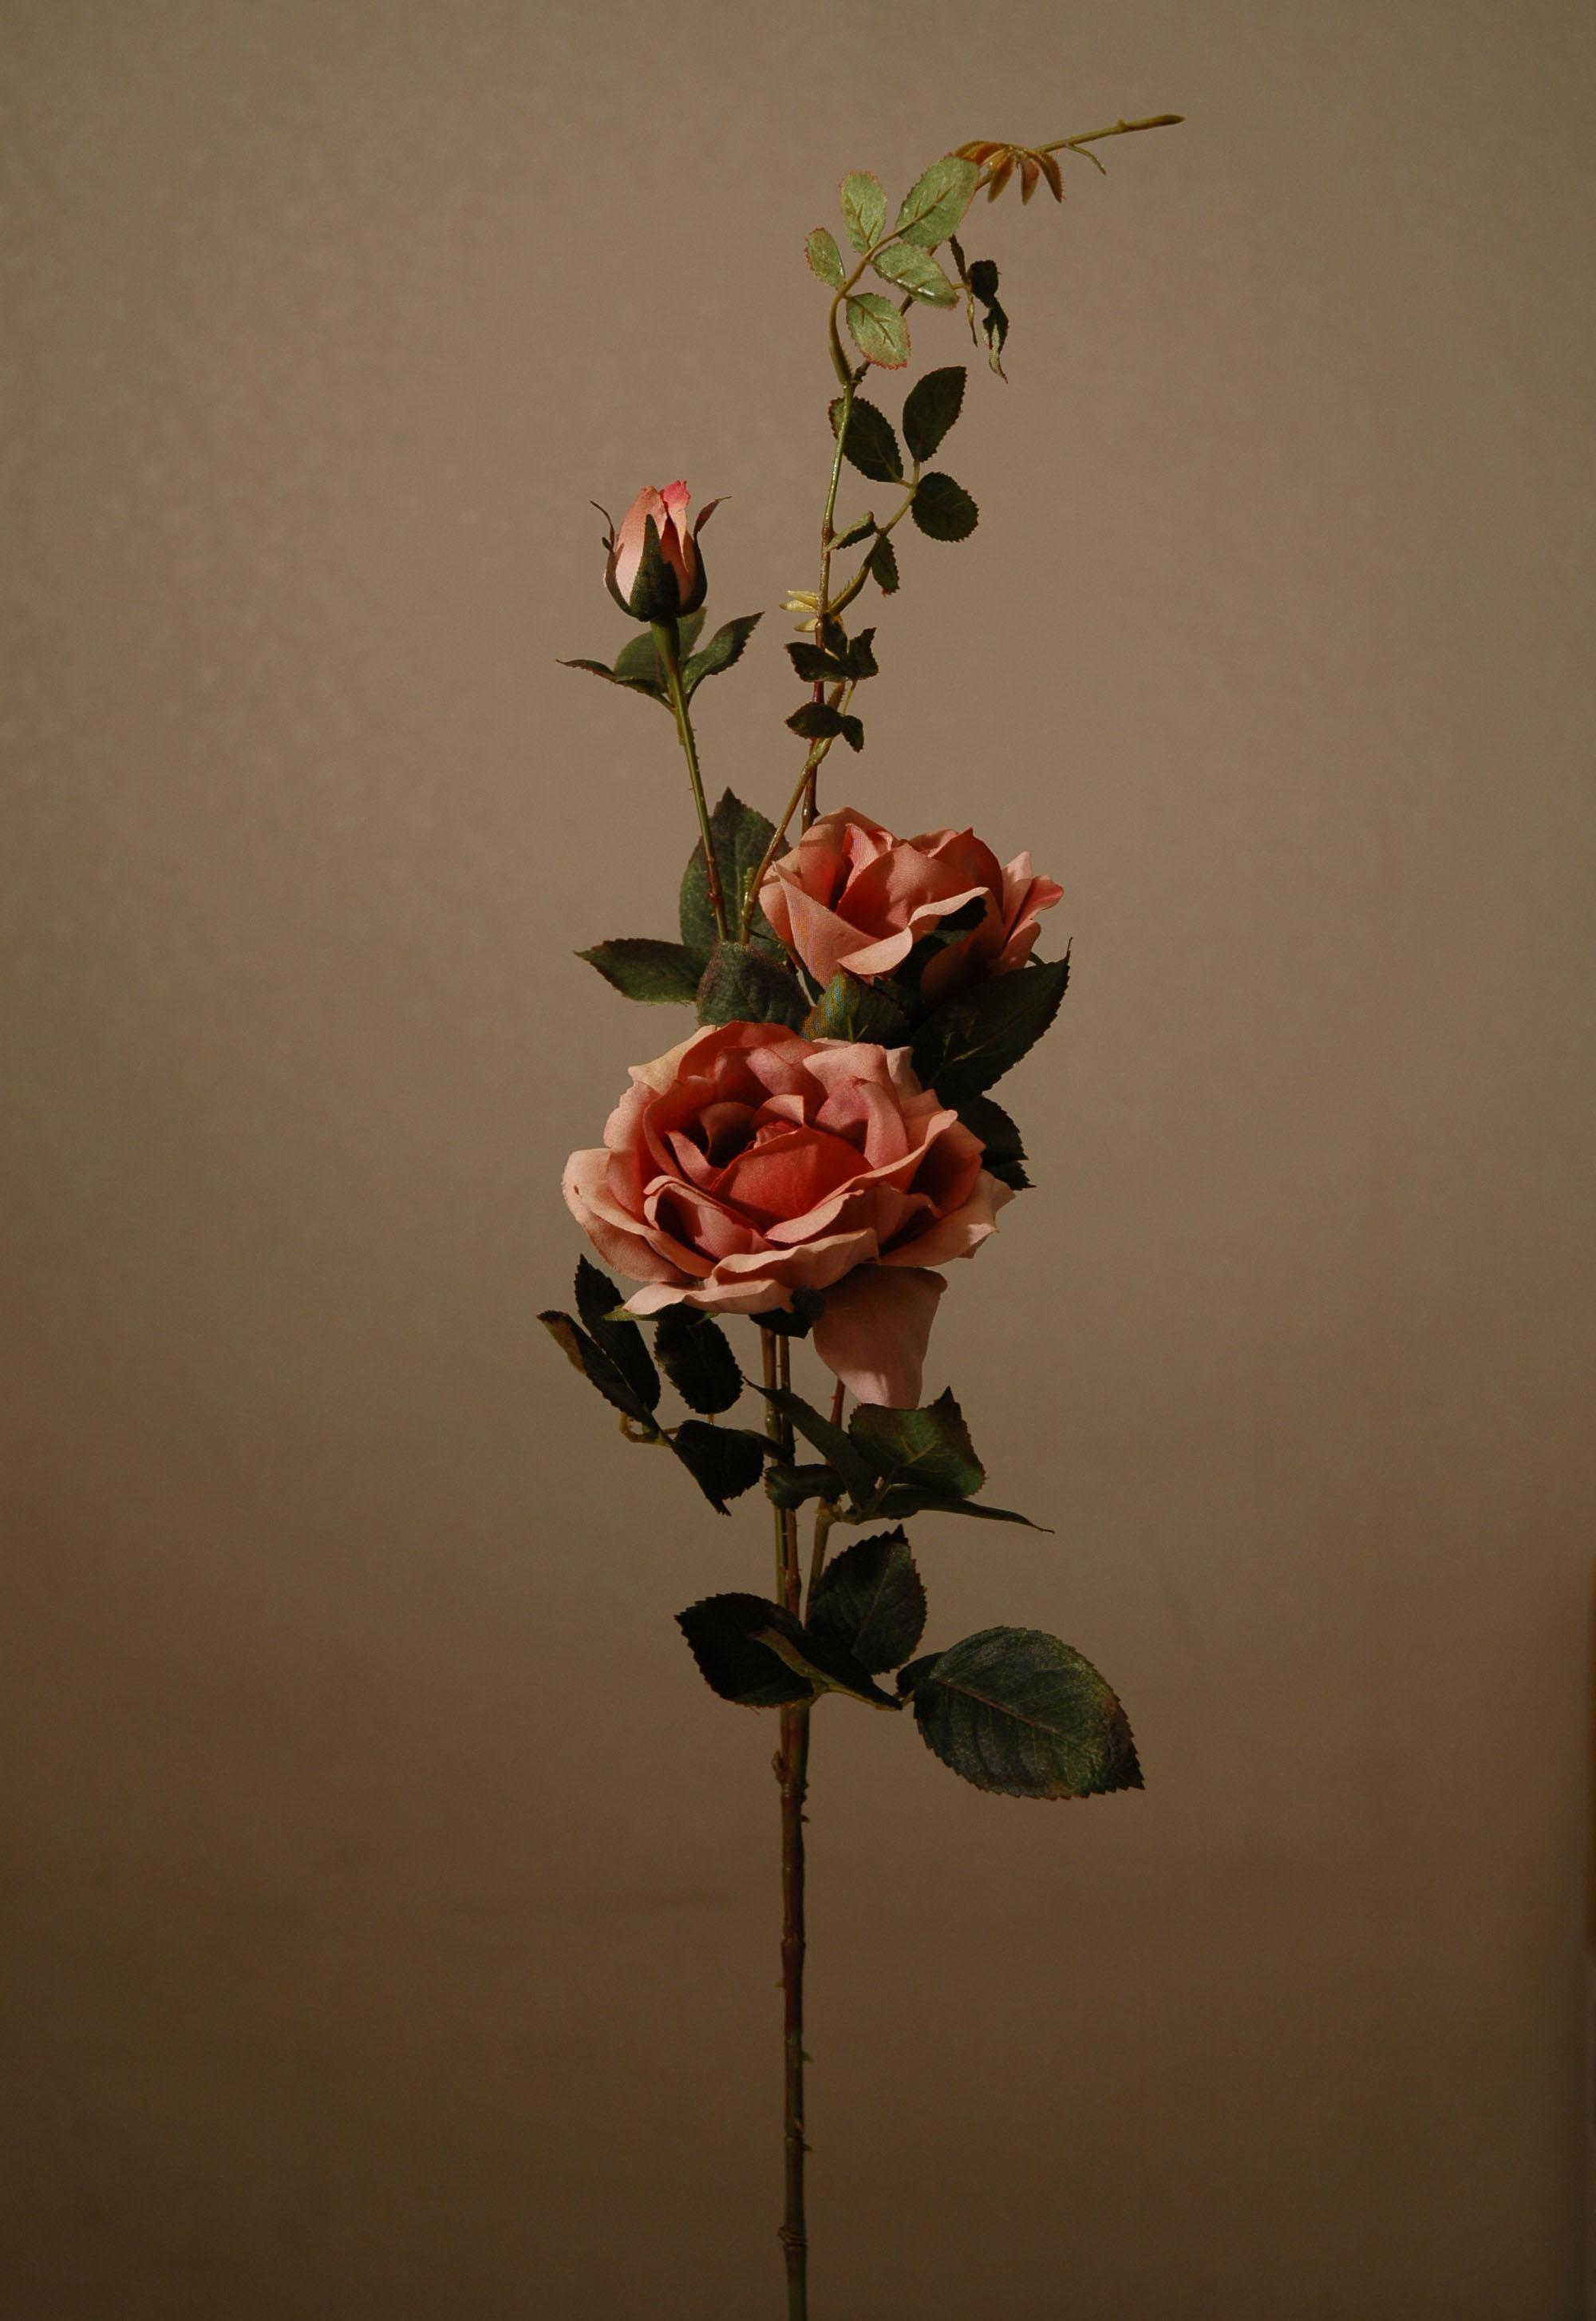 rose 01 2005